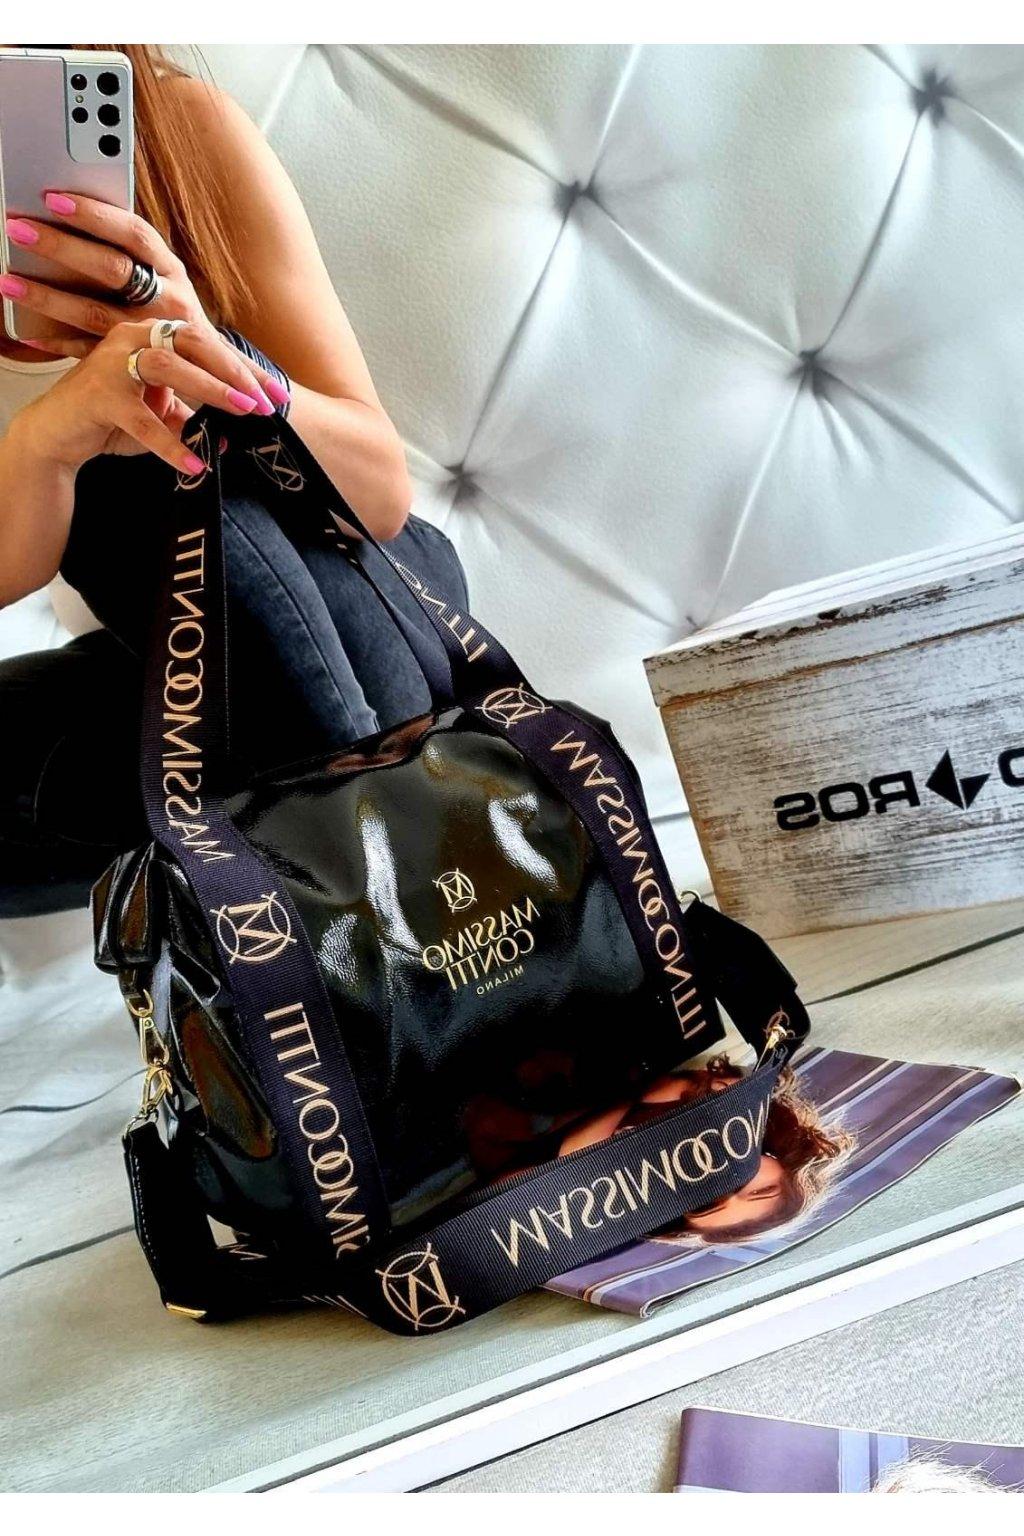 kabelka Massimo Contti black černá lakovaná fashion odlehčená luxusní kabelka značková